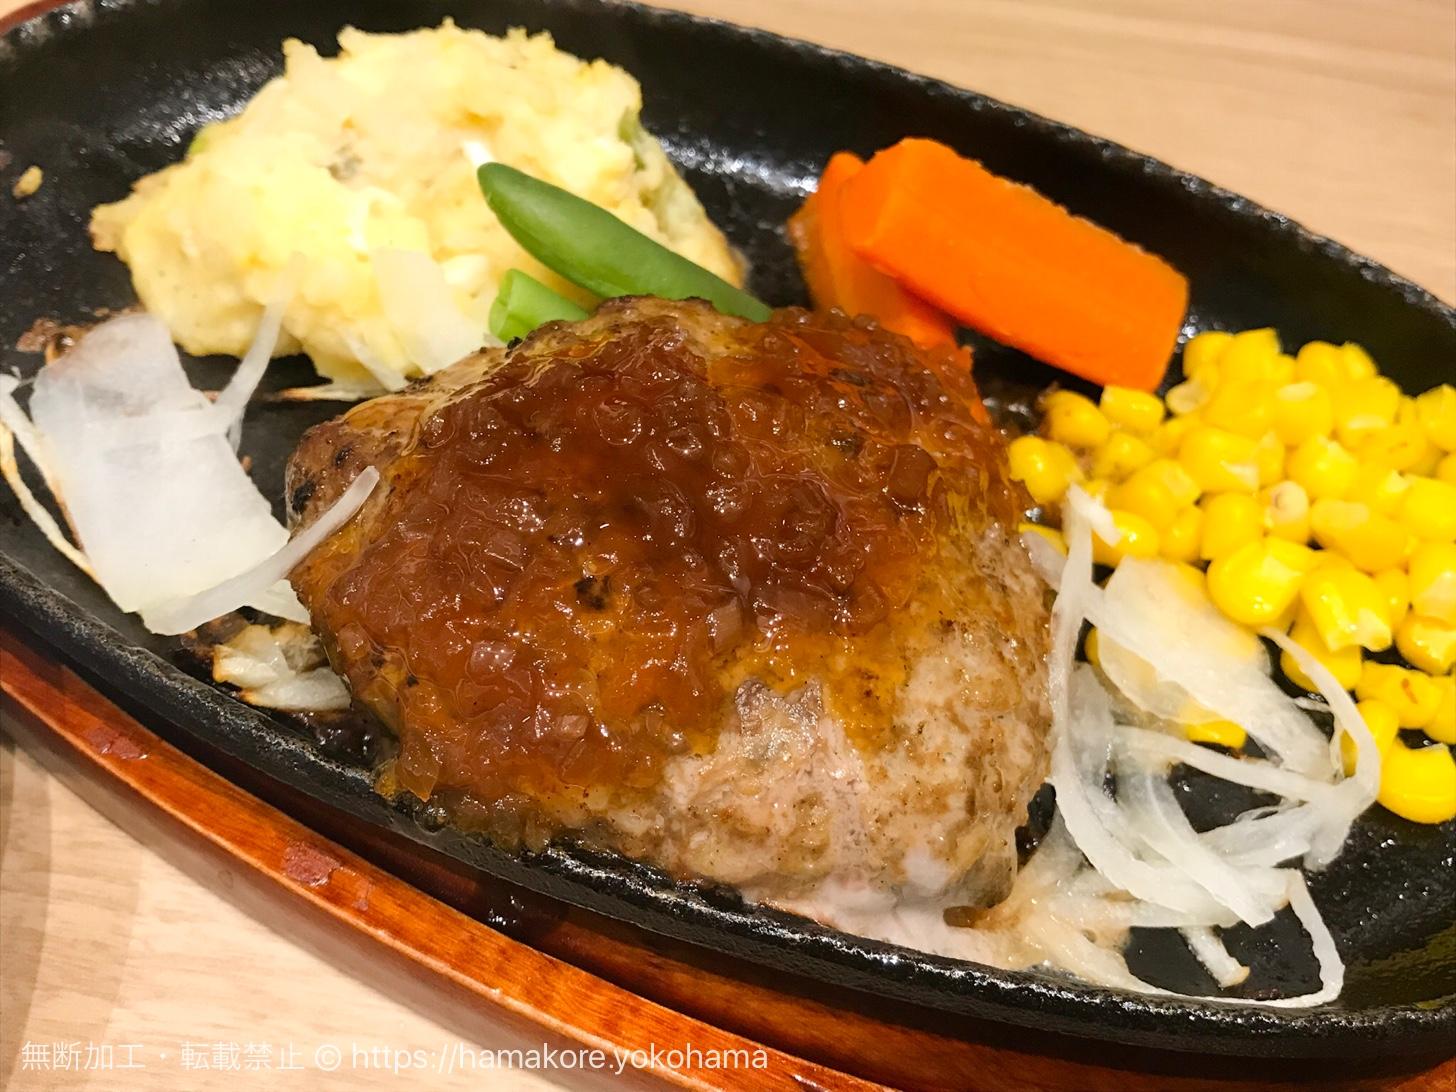 黒毛牛ハンバーグステーキ フレッシュオニオンソース